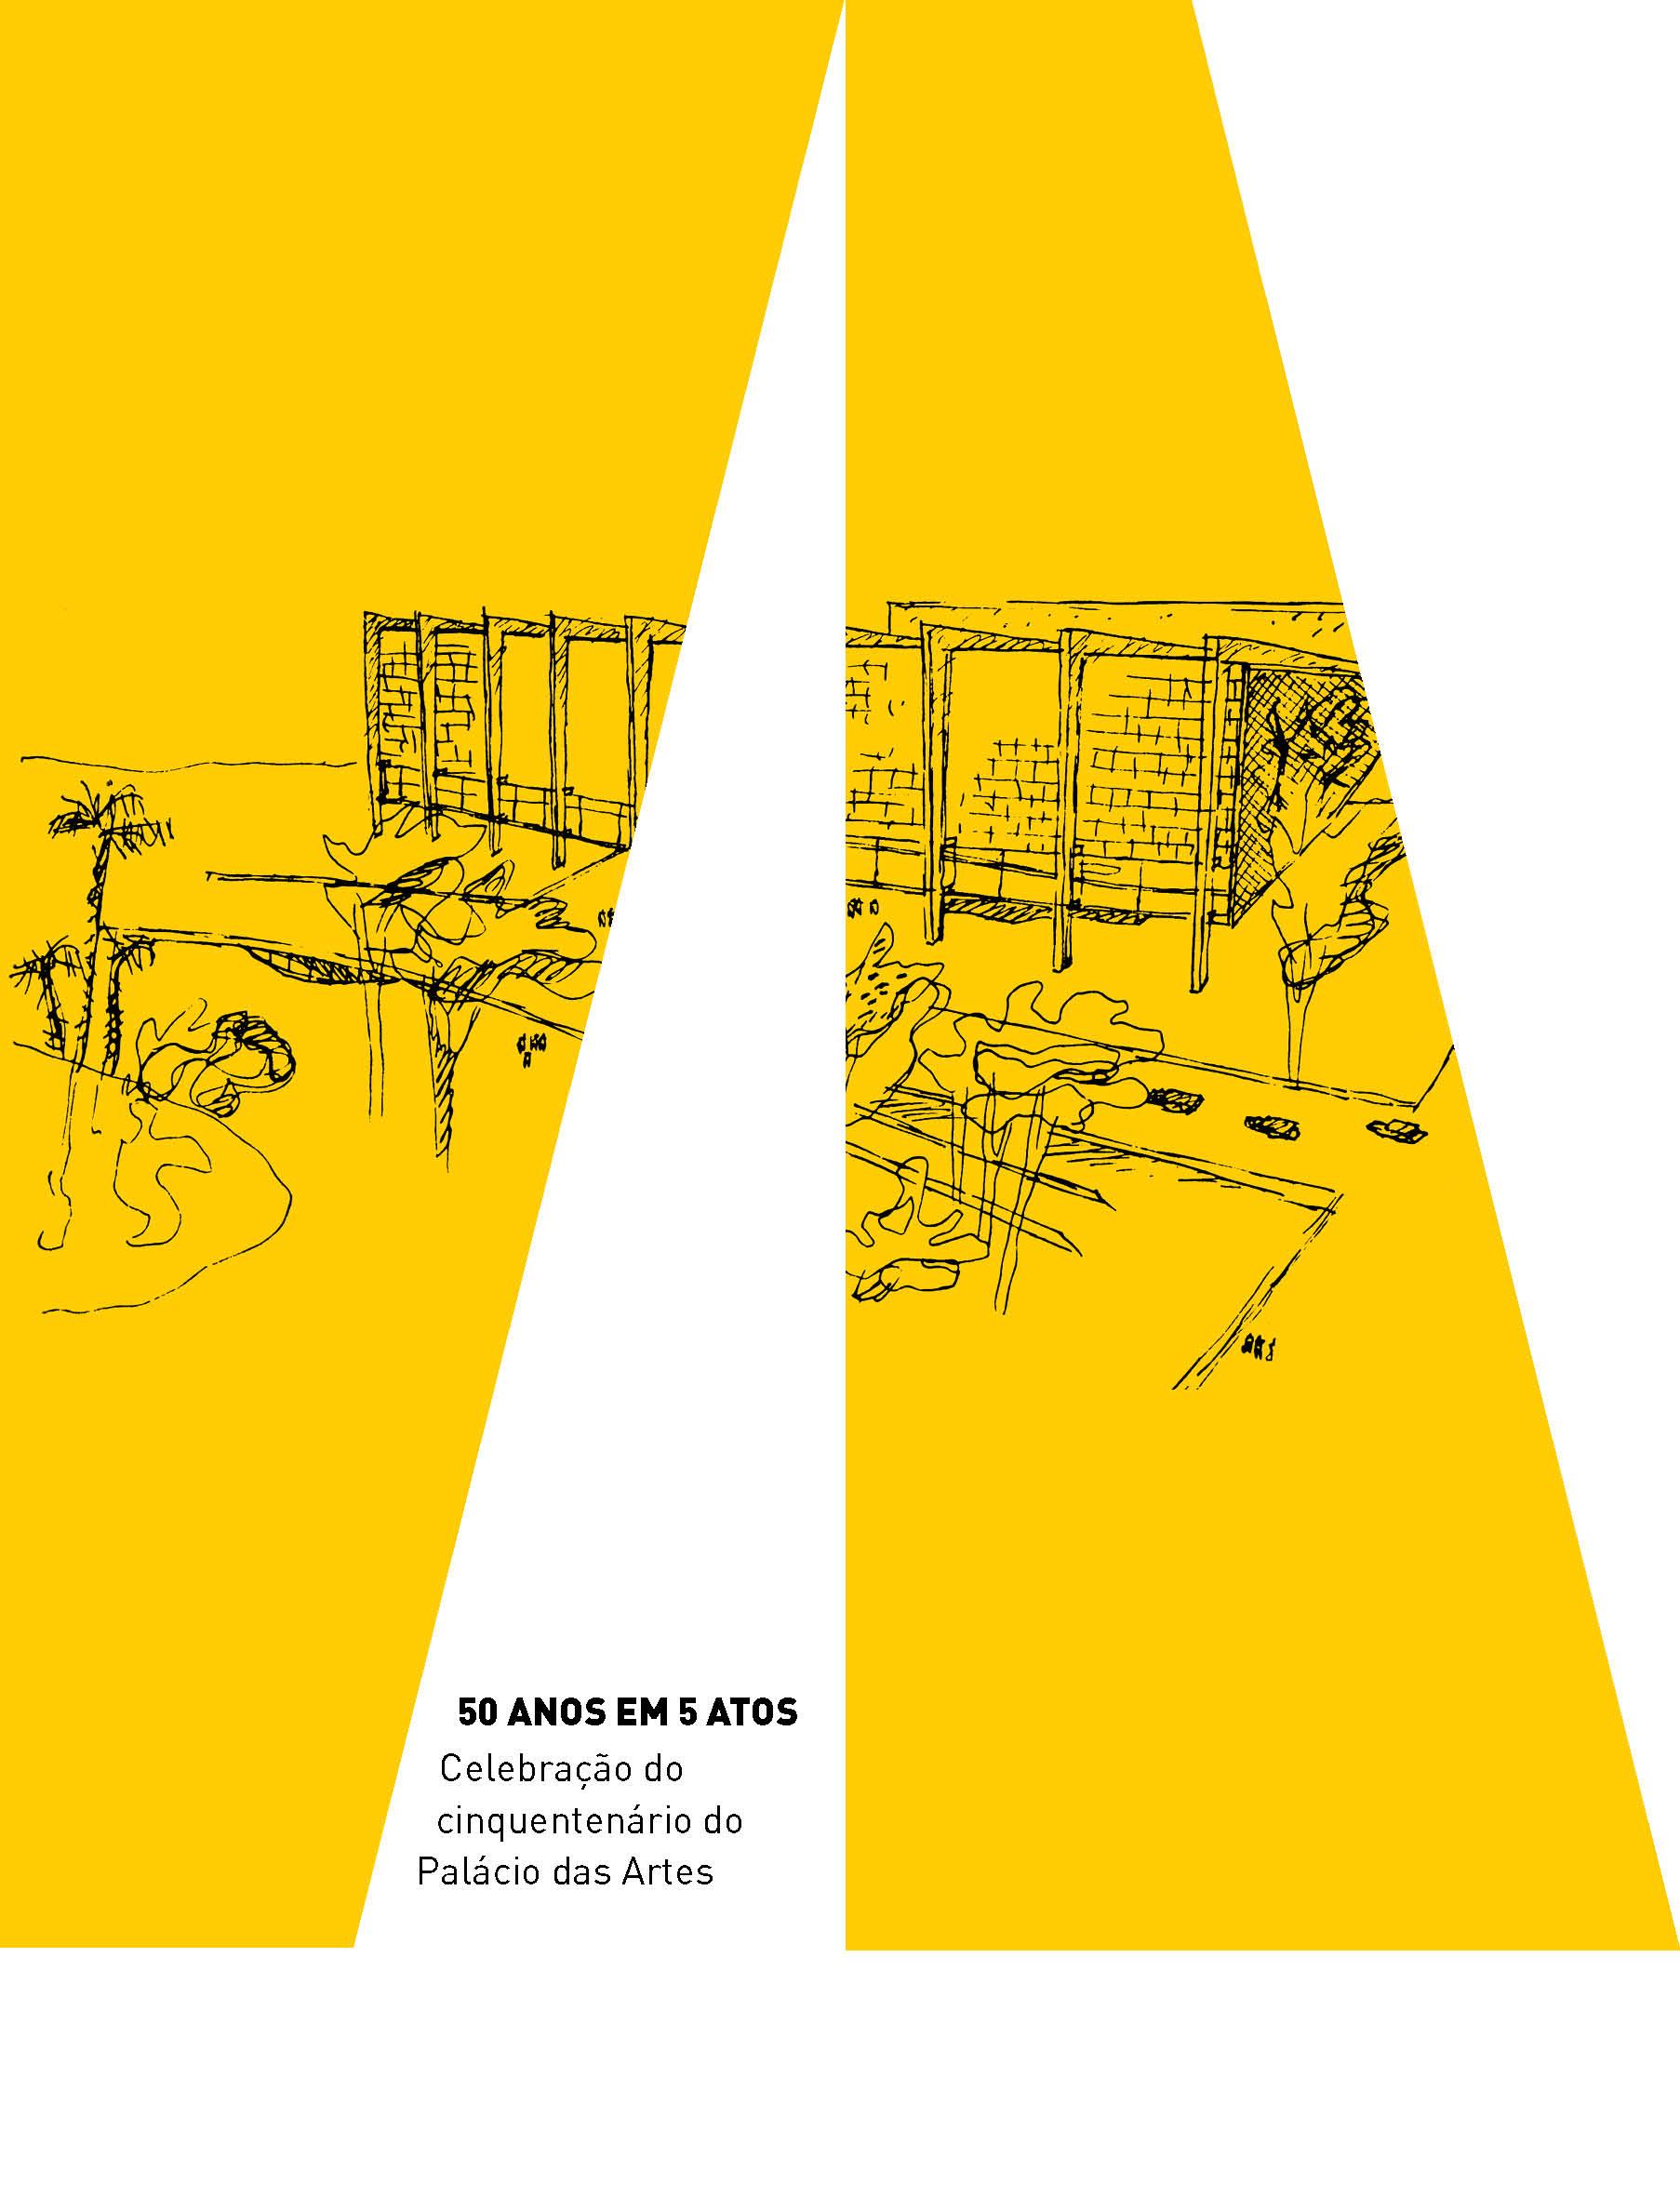 Evento: Exposição interativa - imersiva e eventos on-line celebram cinquentenário do Palácio das Artes